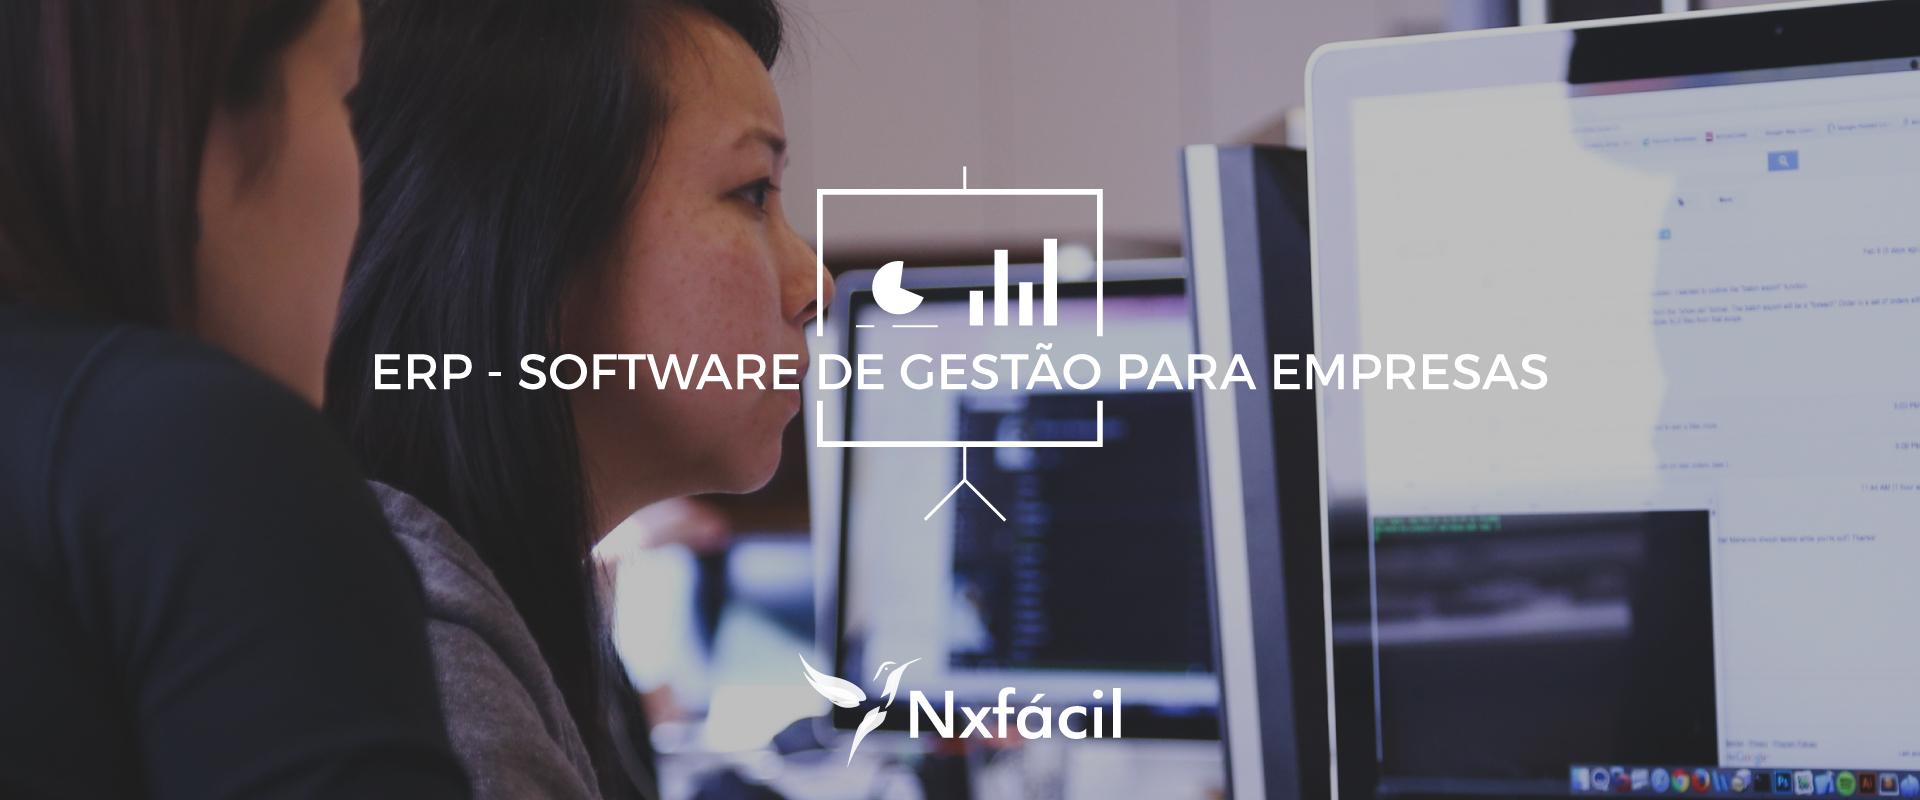 erp_software_de_gestão